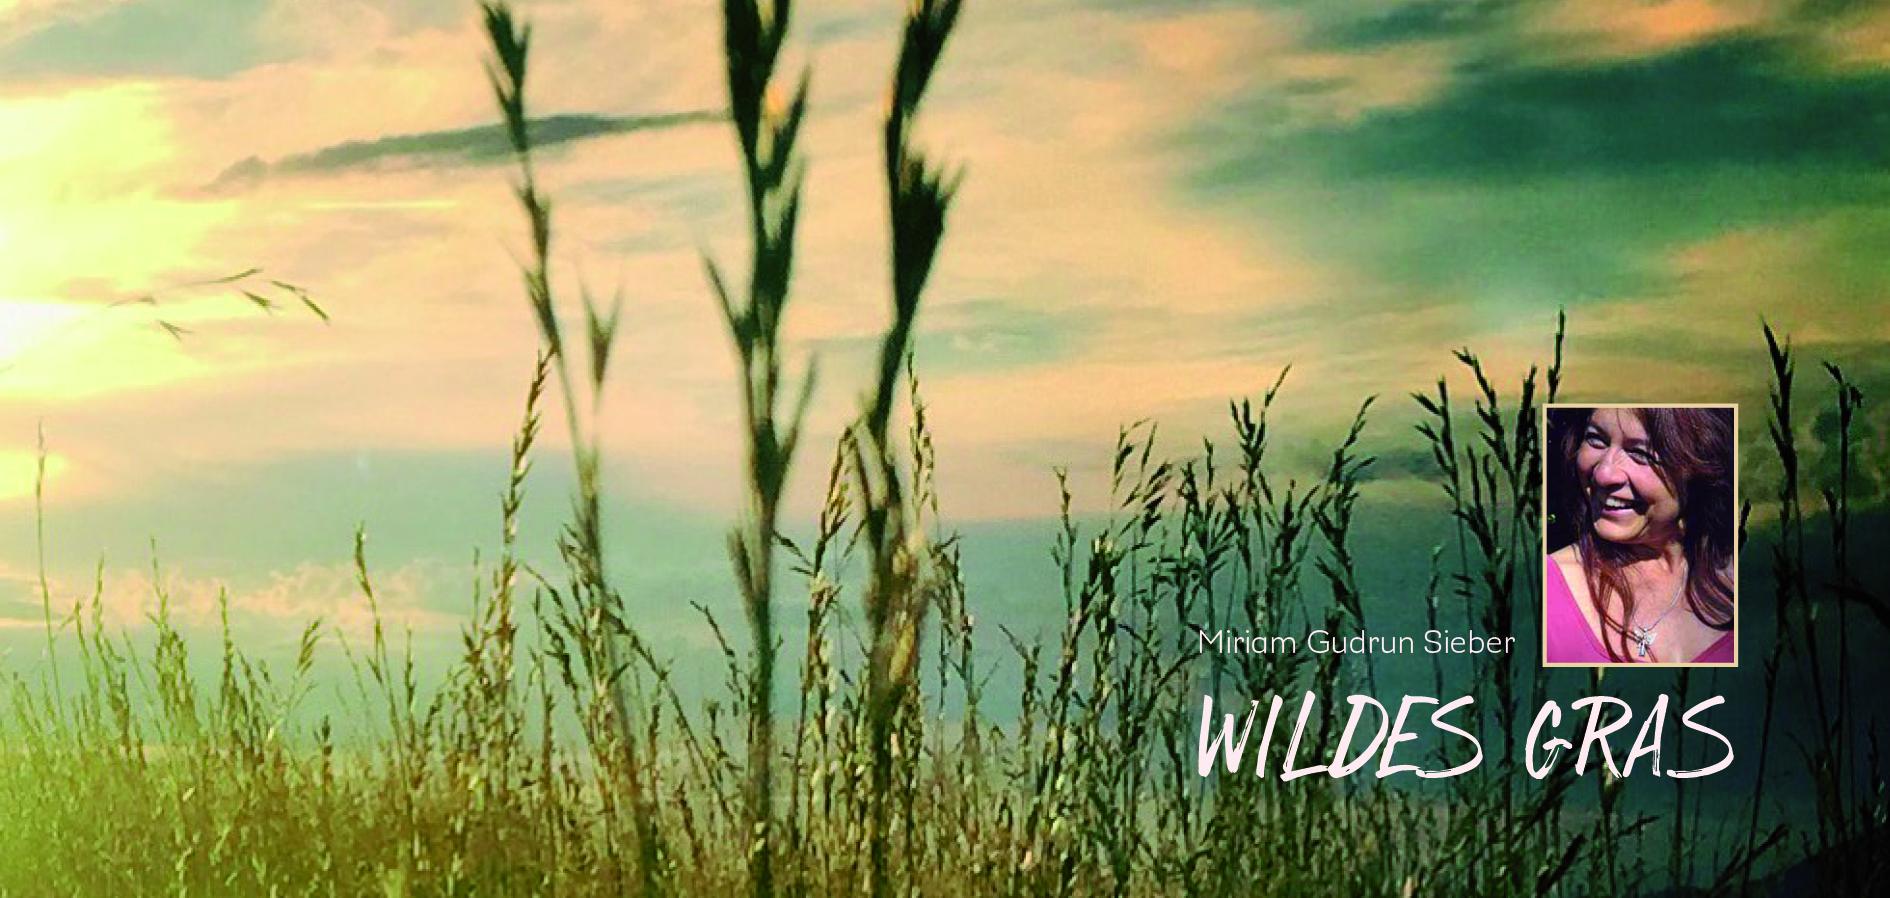 wildesgras